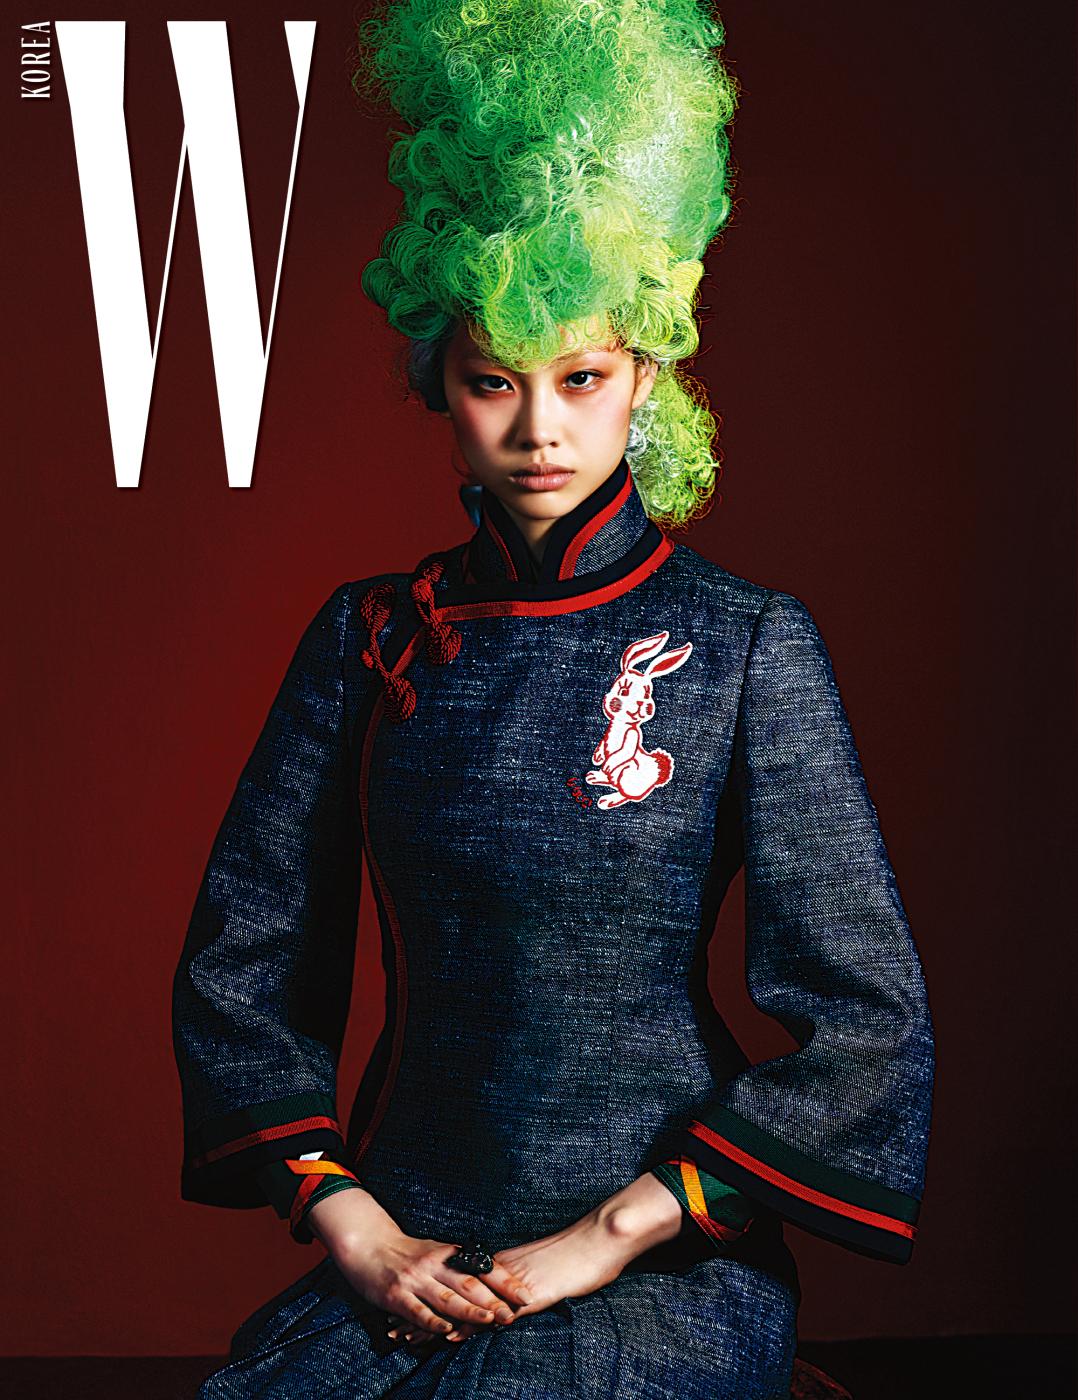 중국 전통 의상 치파오의 디테일을 차용해 만든 토끼 패치 데님 재킷과 주름 스커트, 큼직한 늑대 얼굴 모양 반지는 모두 Gucci 제품.